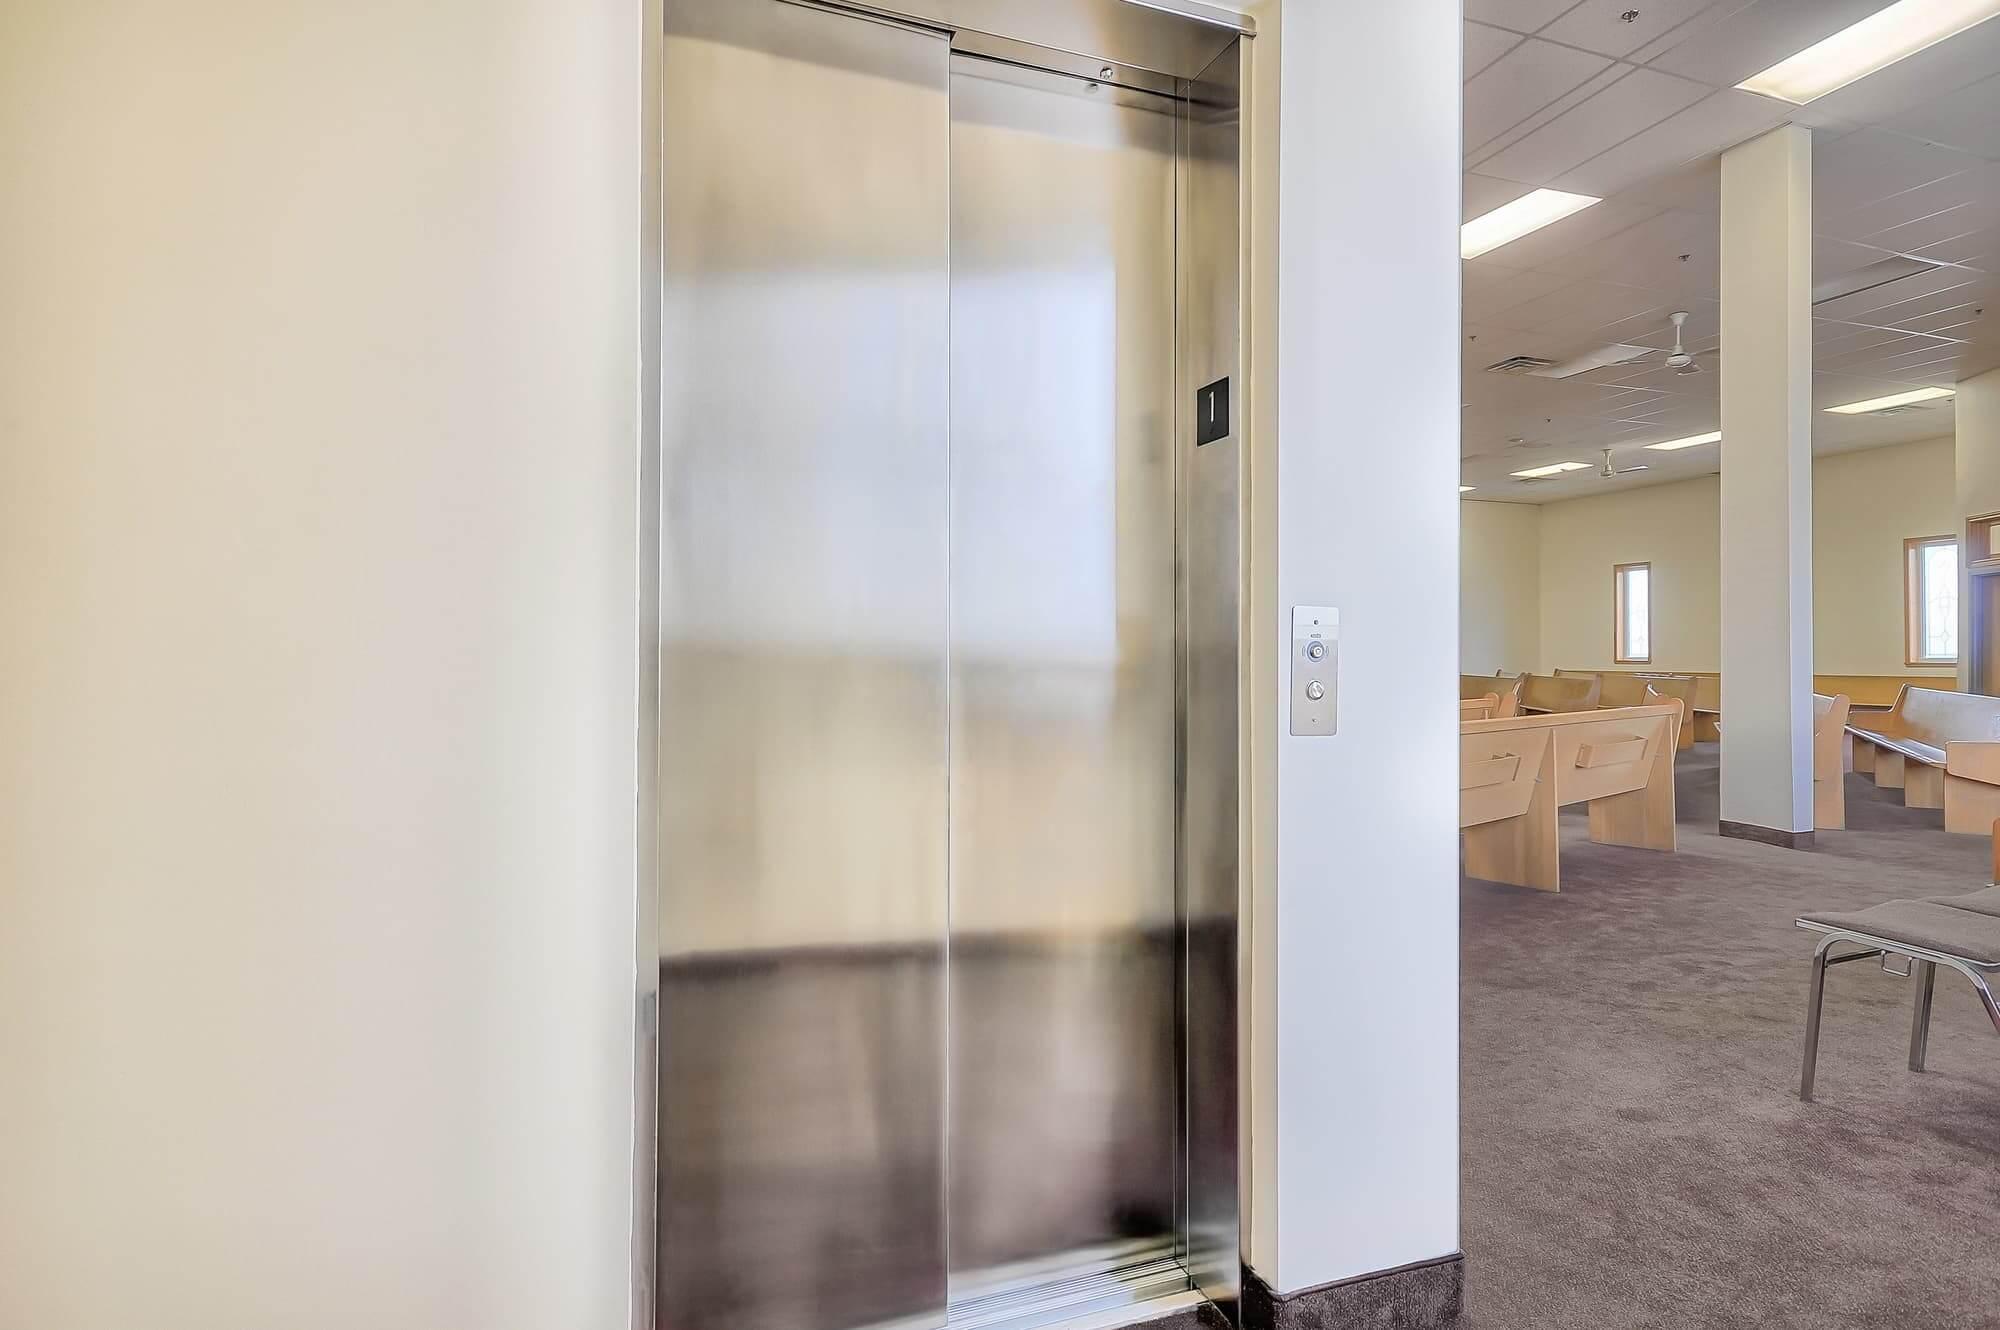 Mise aux normes édifice commercial - ajout d'un ascenseur